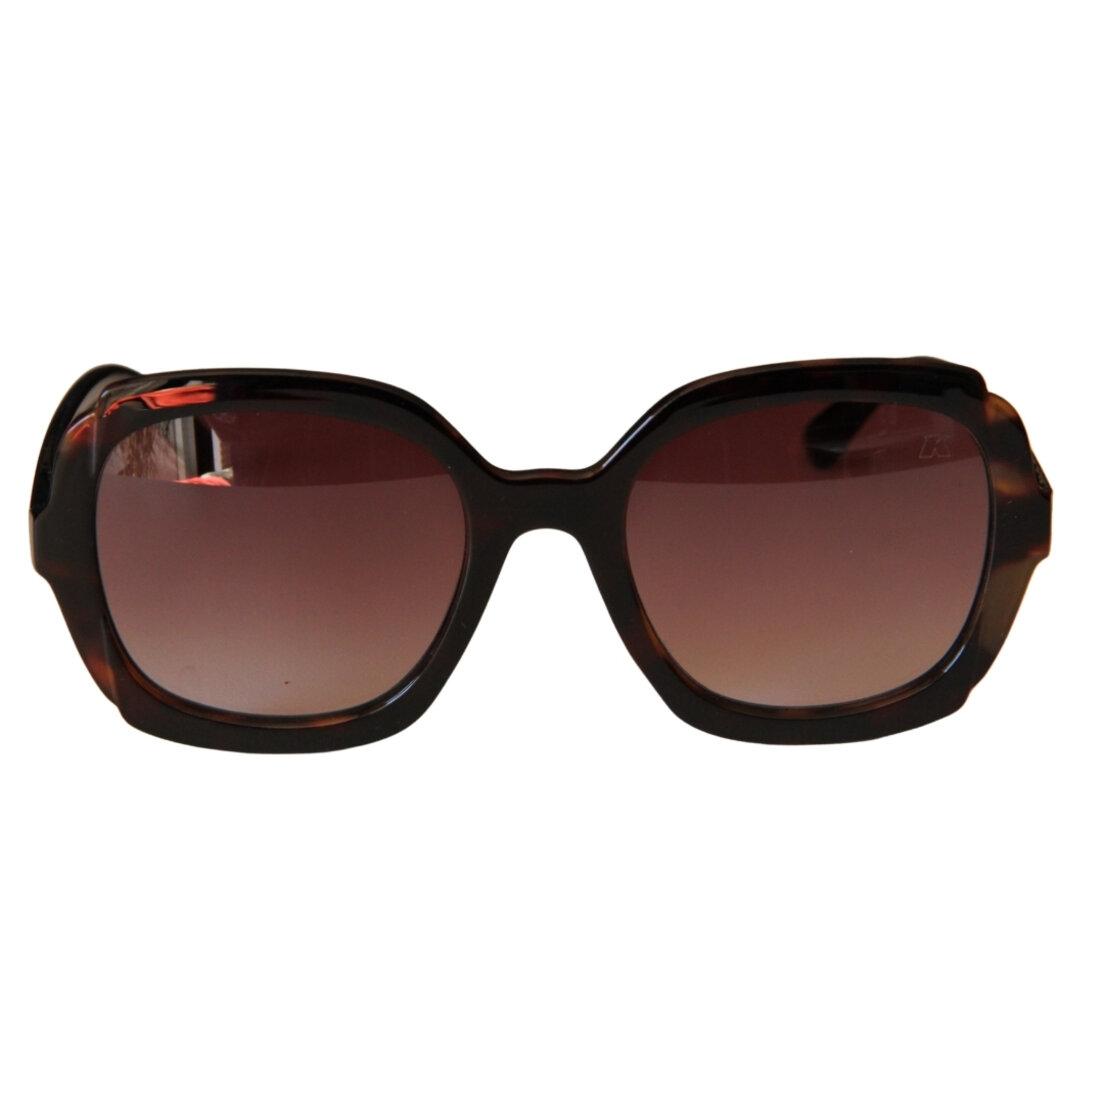 OUTLET - Óculos de Sol Khatto Retrô Square Lyli